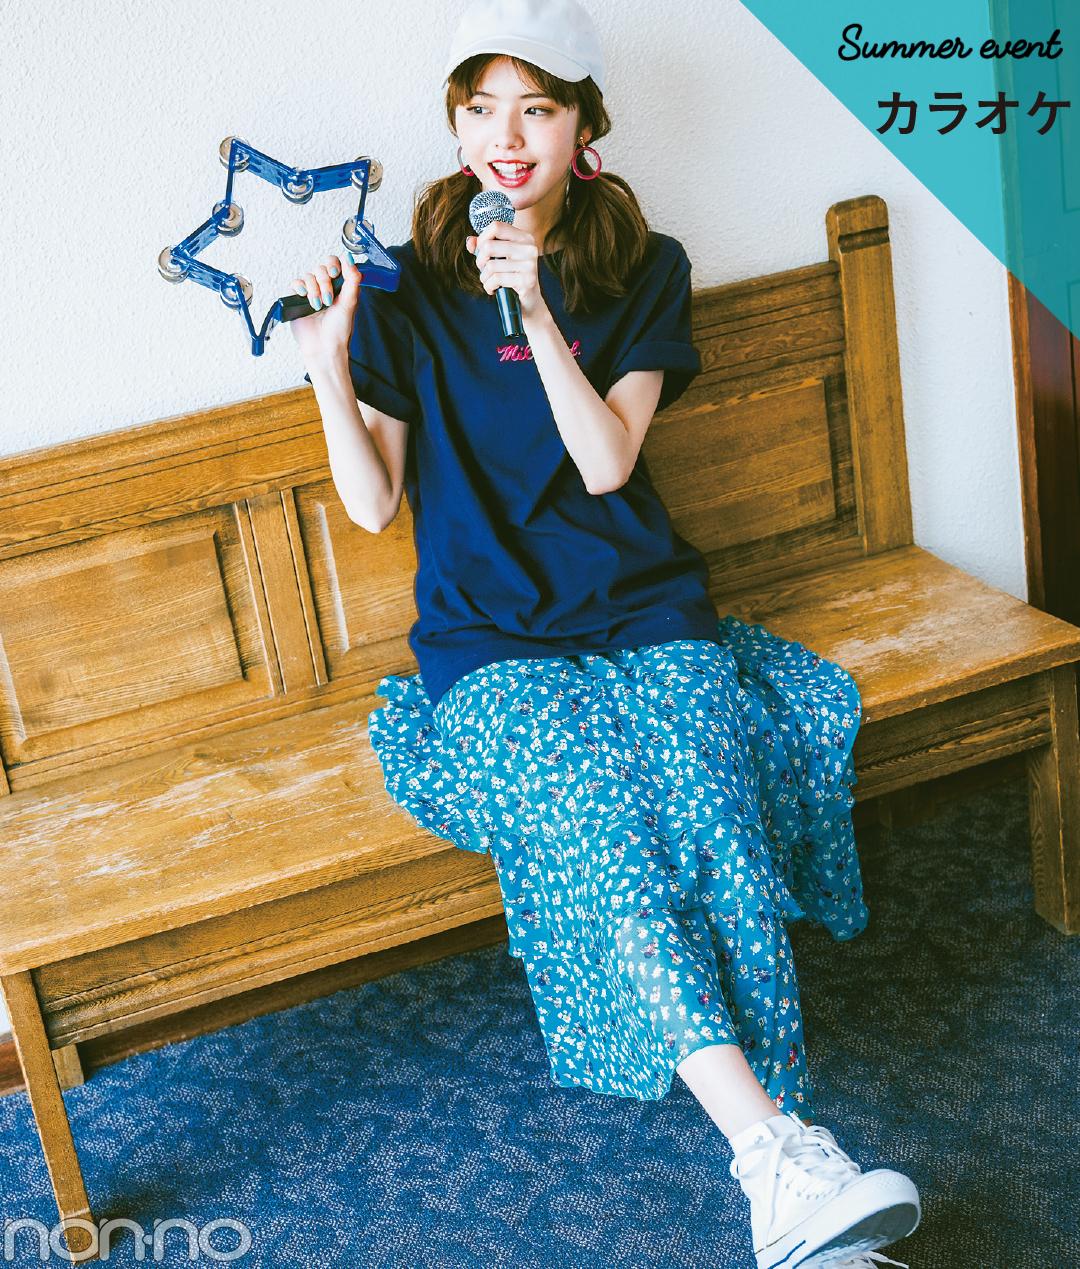 【夏のTシャツコーデ】鈴木優華は、旬の夏色ロングスカートで女子モテコーデ